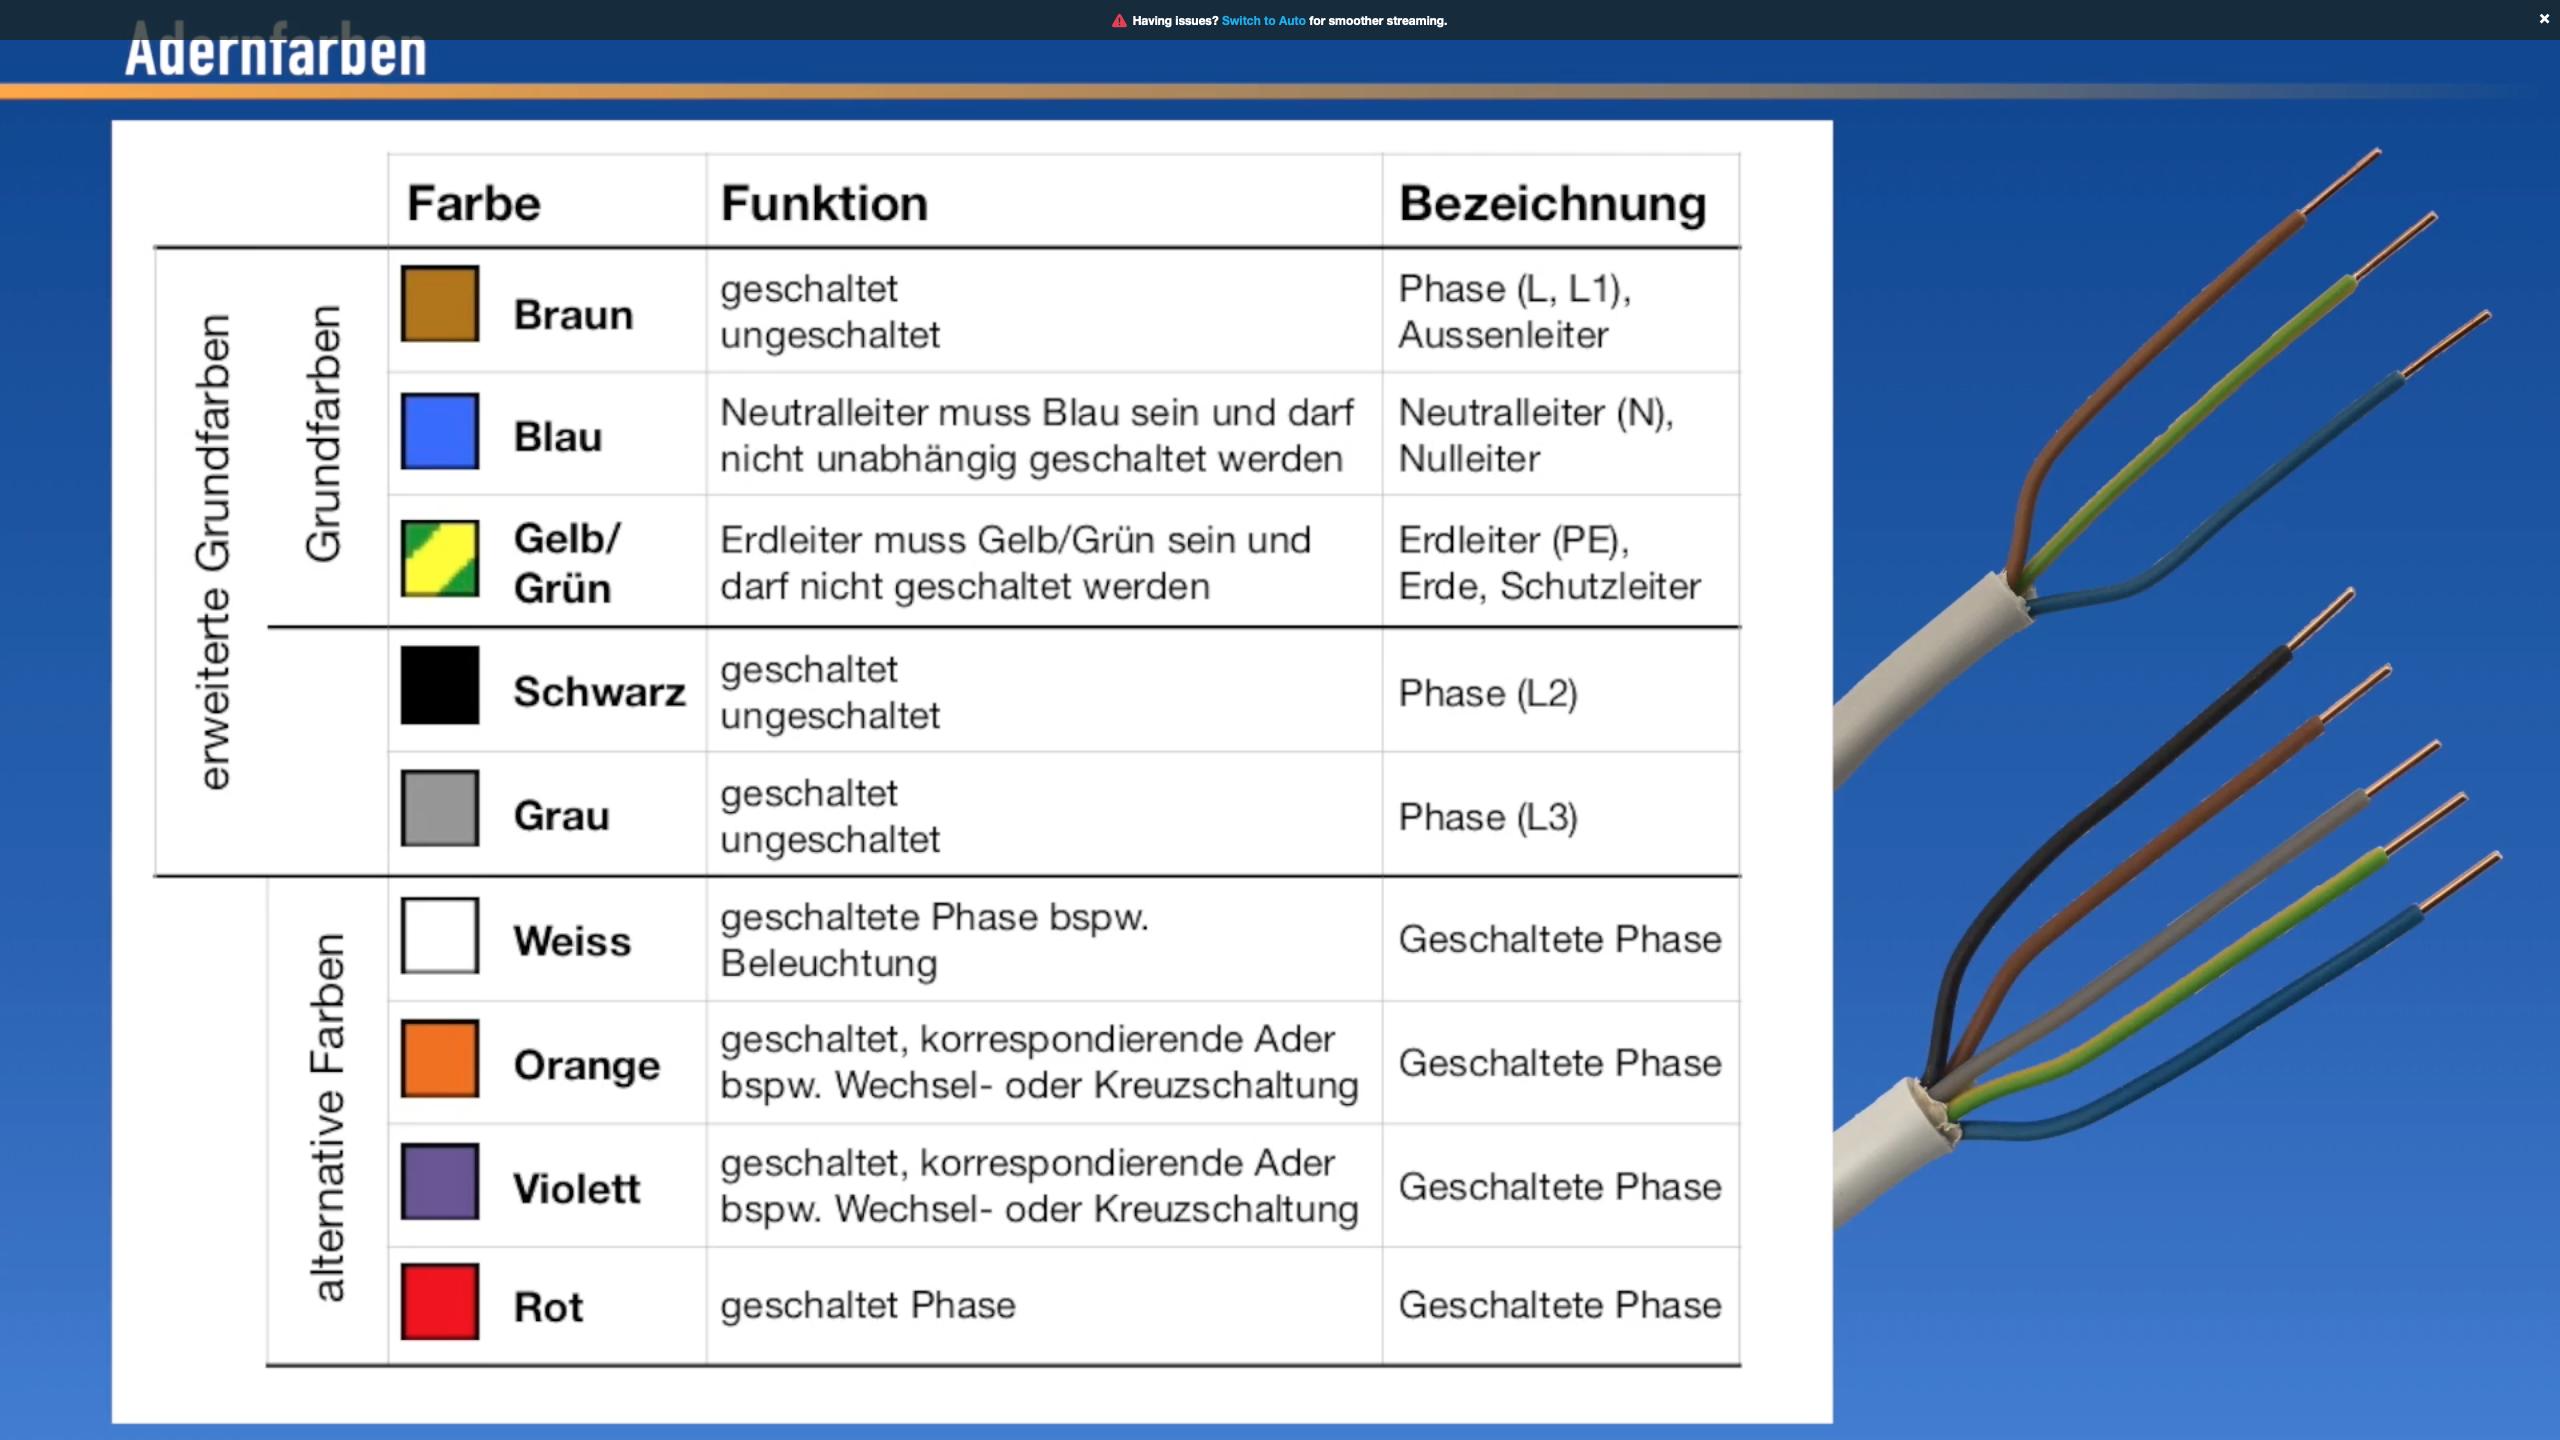 Adernfarben Und Kabelarten Elektroinstallation Elektroinstallation Selber Machen Kabel